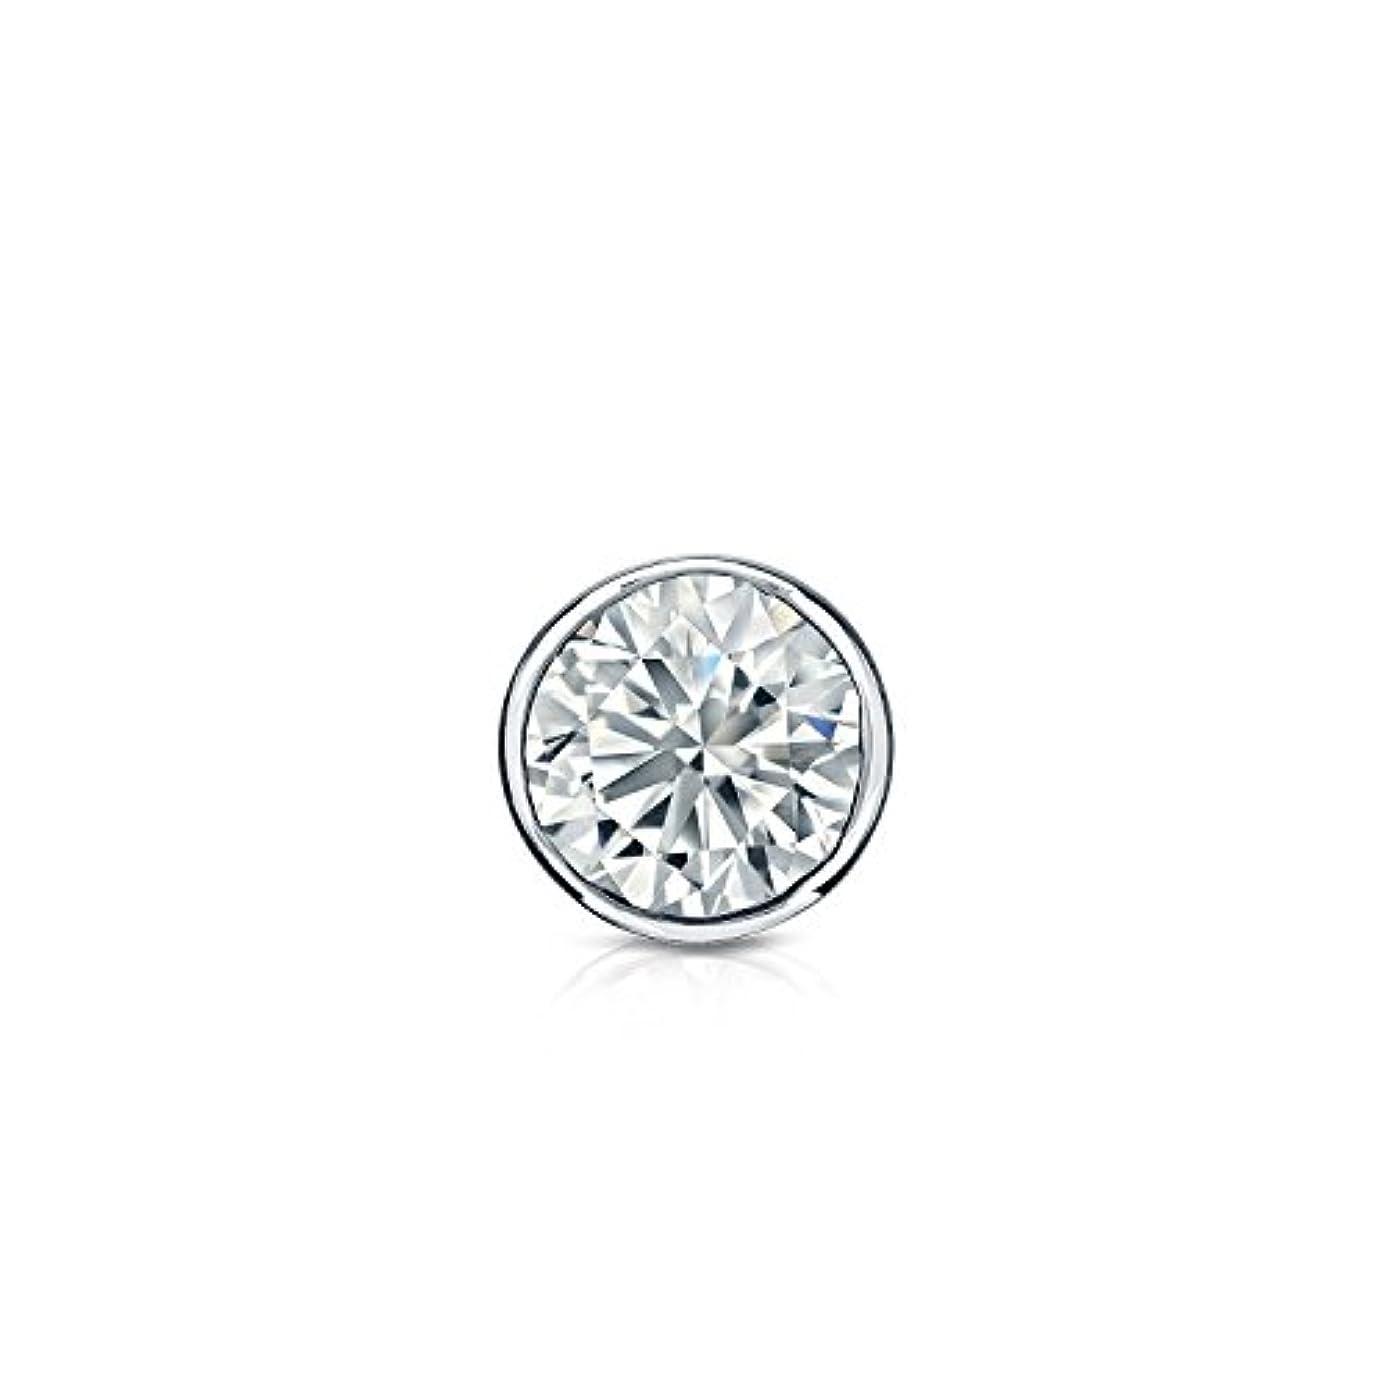 アプト兄レギュラー14 KホワイトゴールドメンズラウンドダイヤモンドSimulant CZベゼルスタッドイヤリング( 1 / 8 – 1カラット、優れた品質)